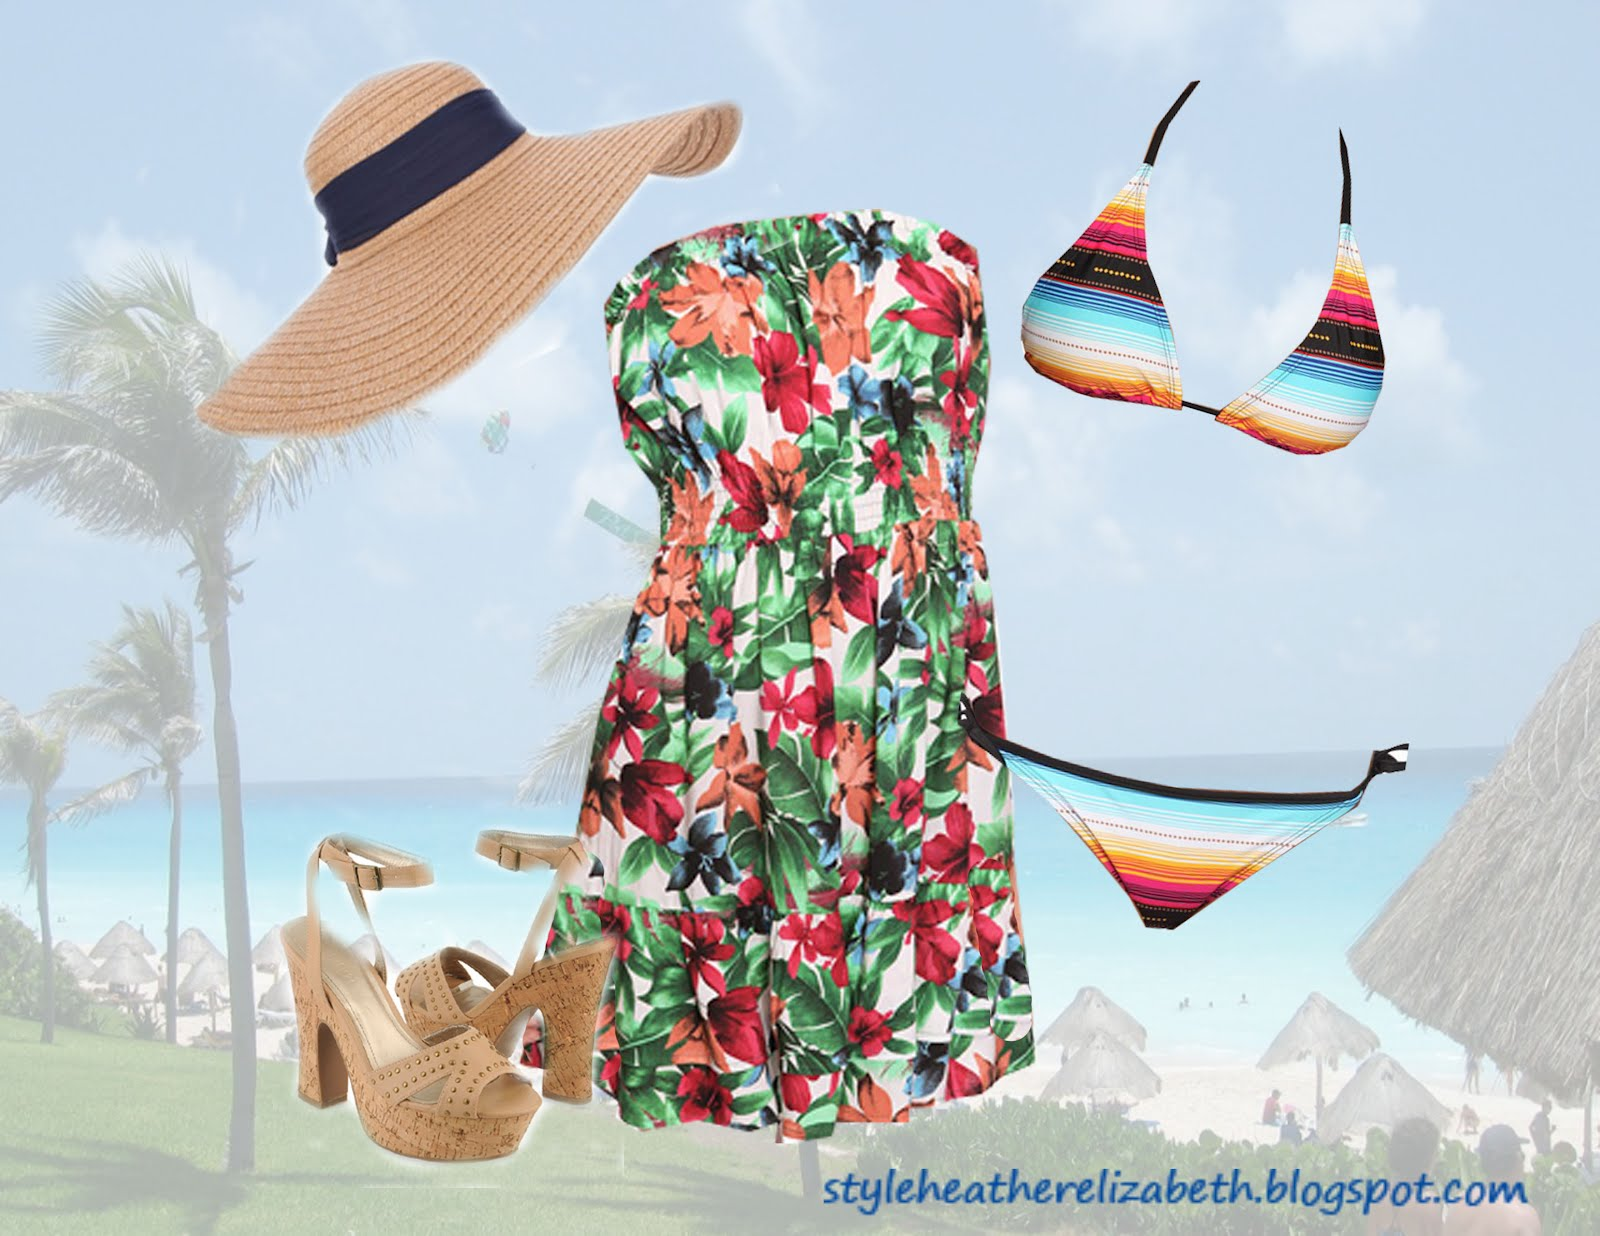 http://4.bp.blogspot.com/-h7EnYUtr84w/T1DrQpDHagI/AAAAAAAAASk/Jp95XU6K0Ik/s1600/Cancun1.jpg